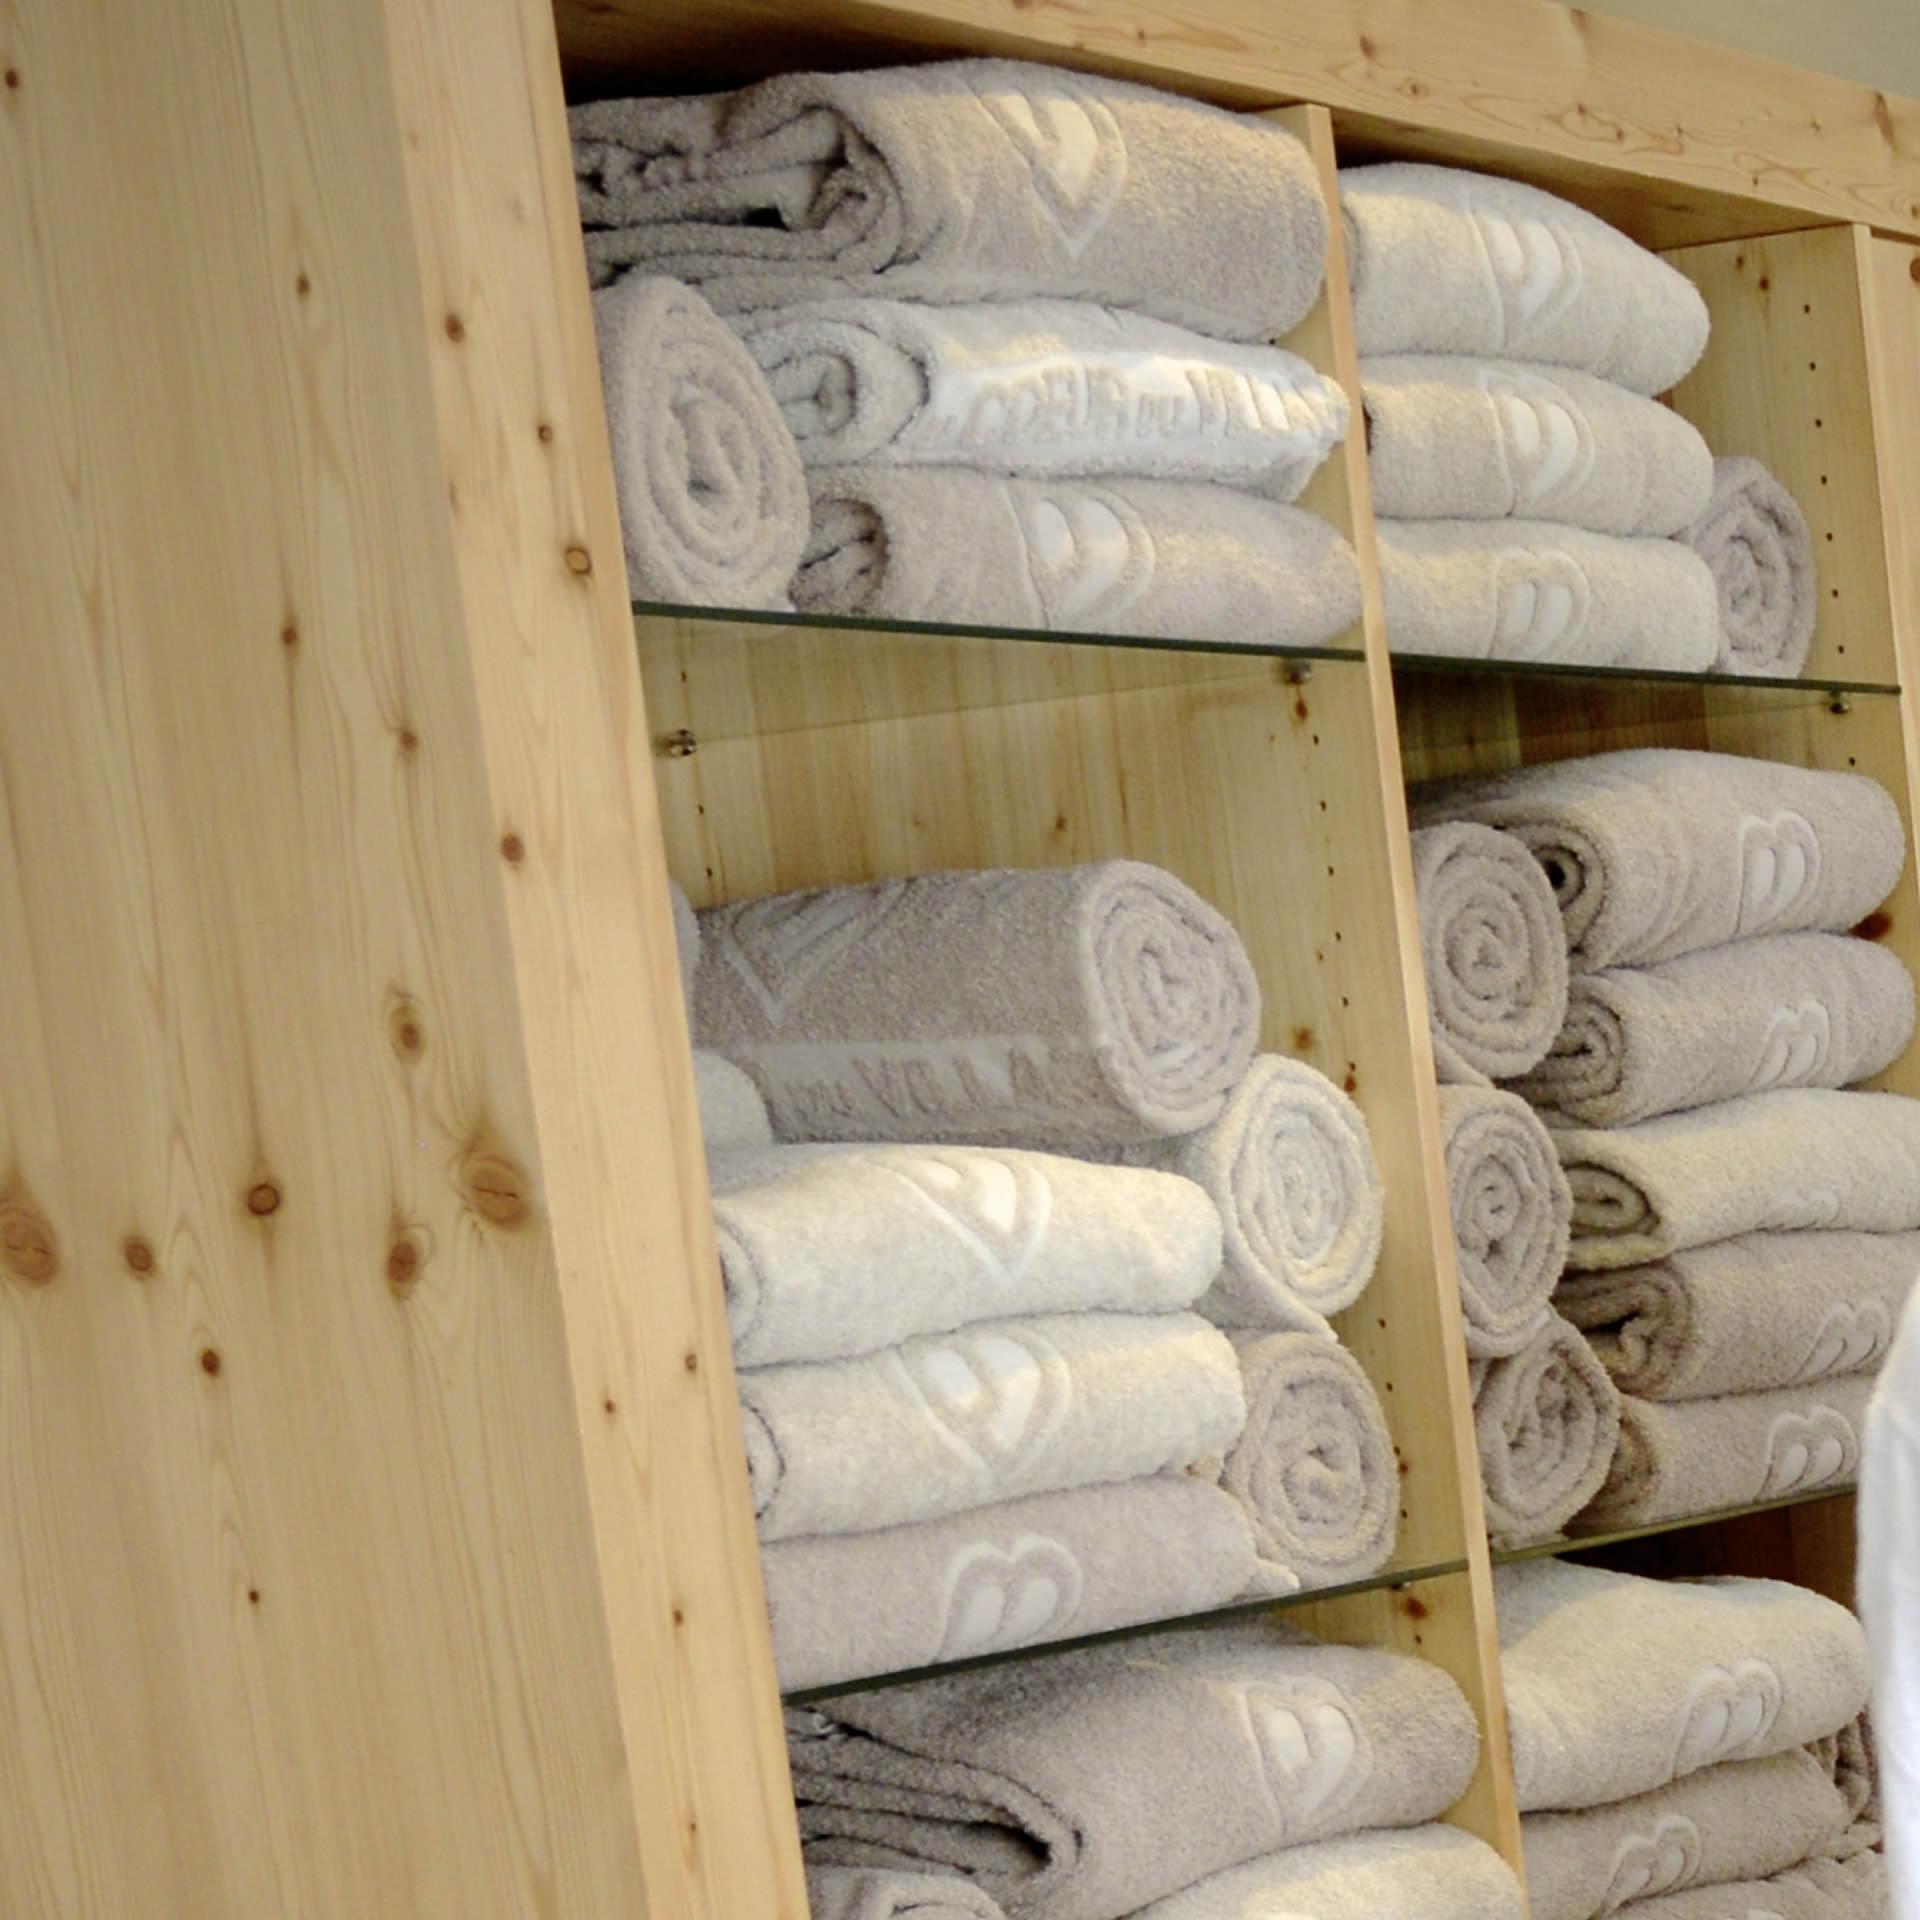 Vermietung Hauswäsche - Wäschereien